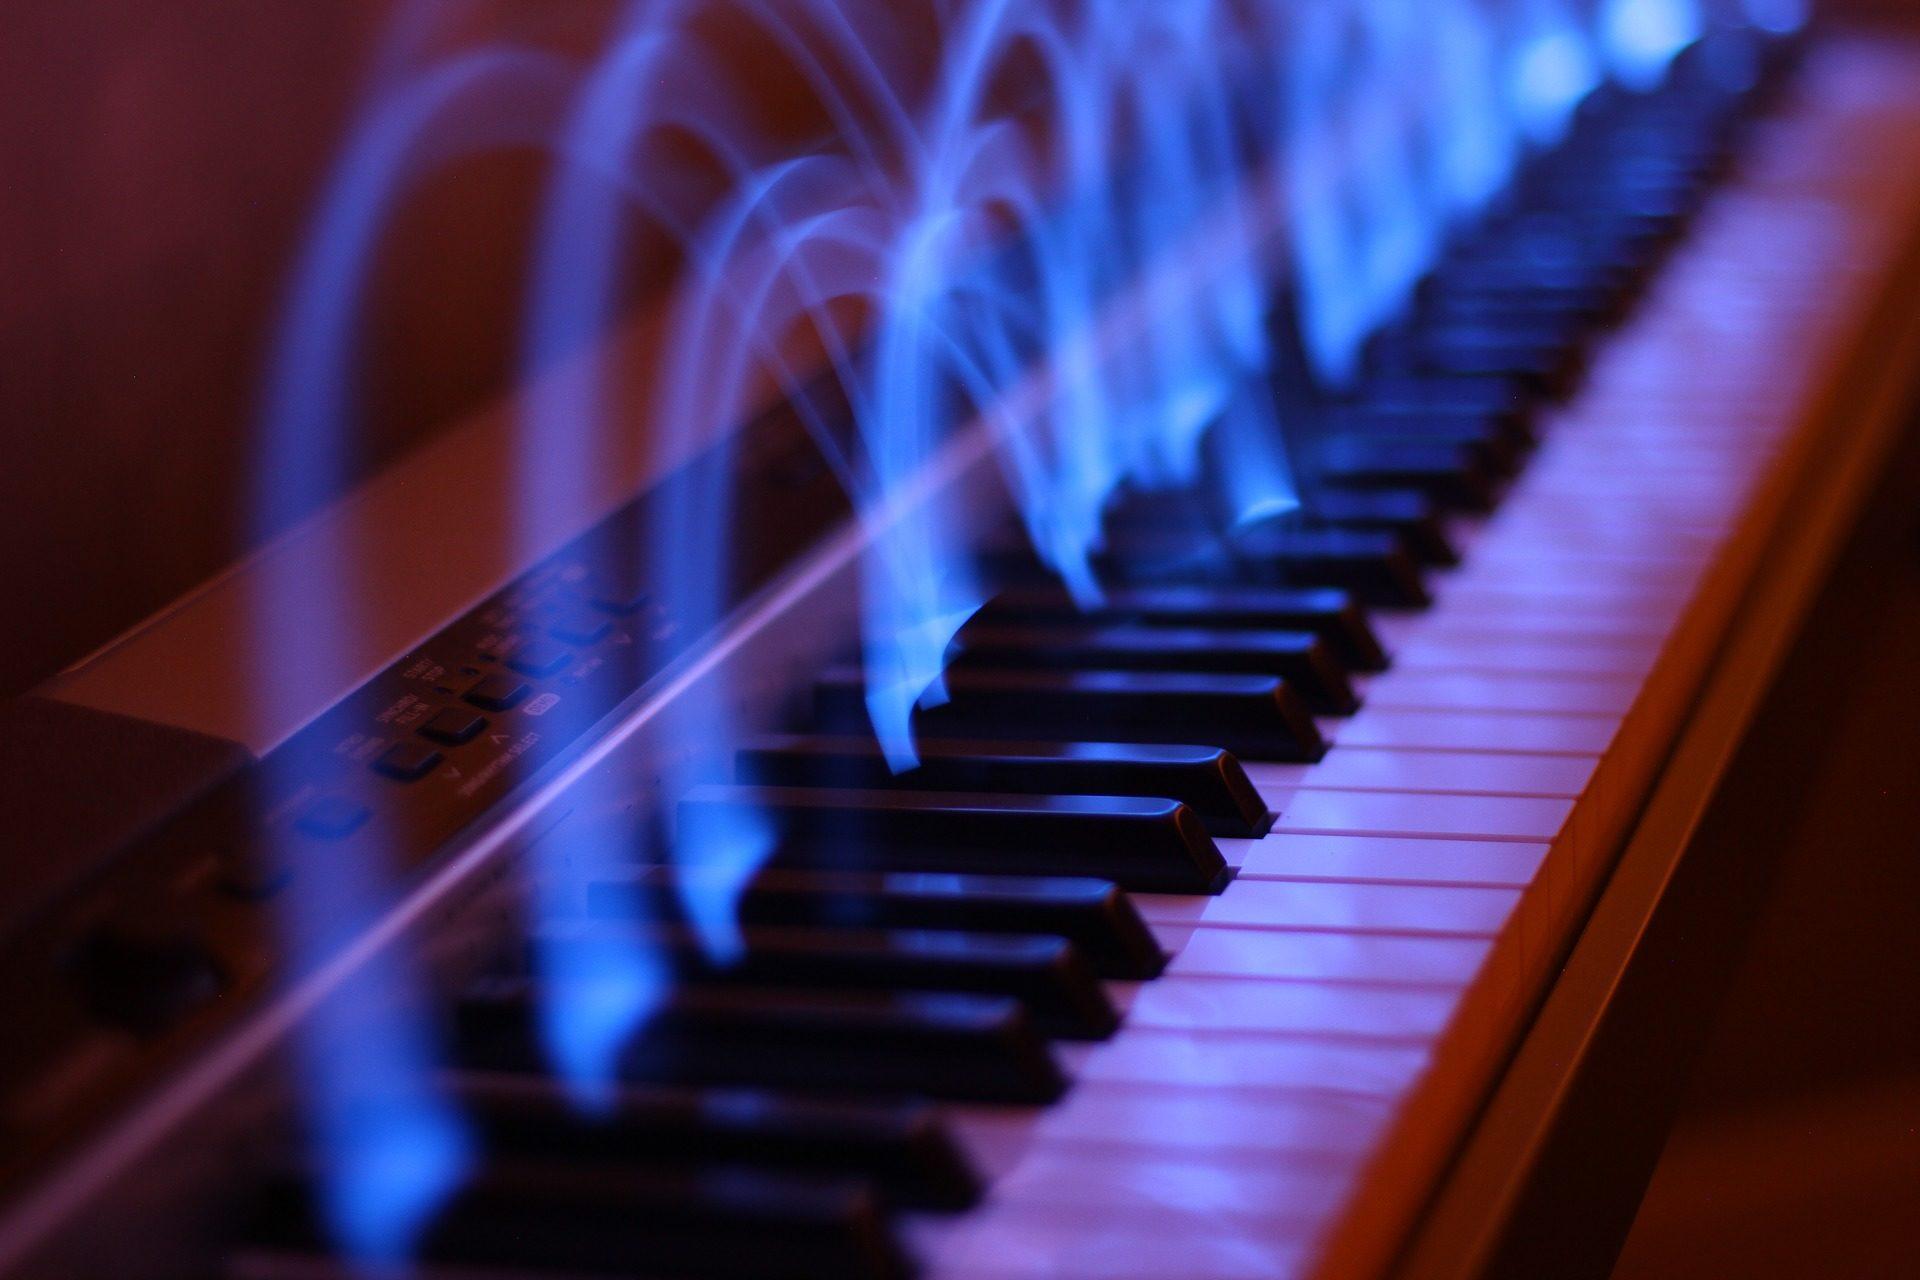 钢琴, 钥匙, 晕, 影响, 灯 - 高清壁纸 - 教授-falken.com